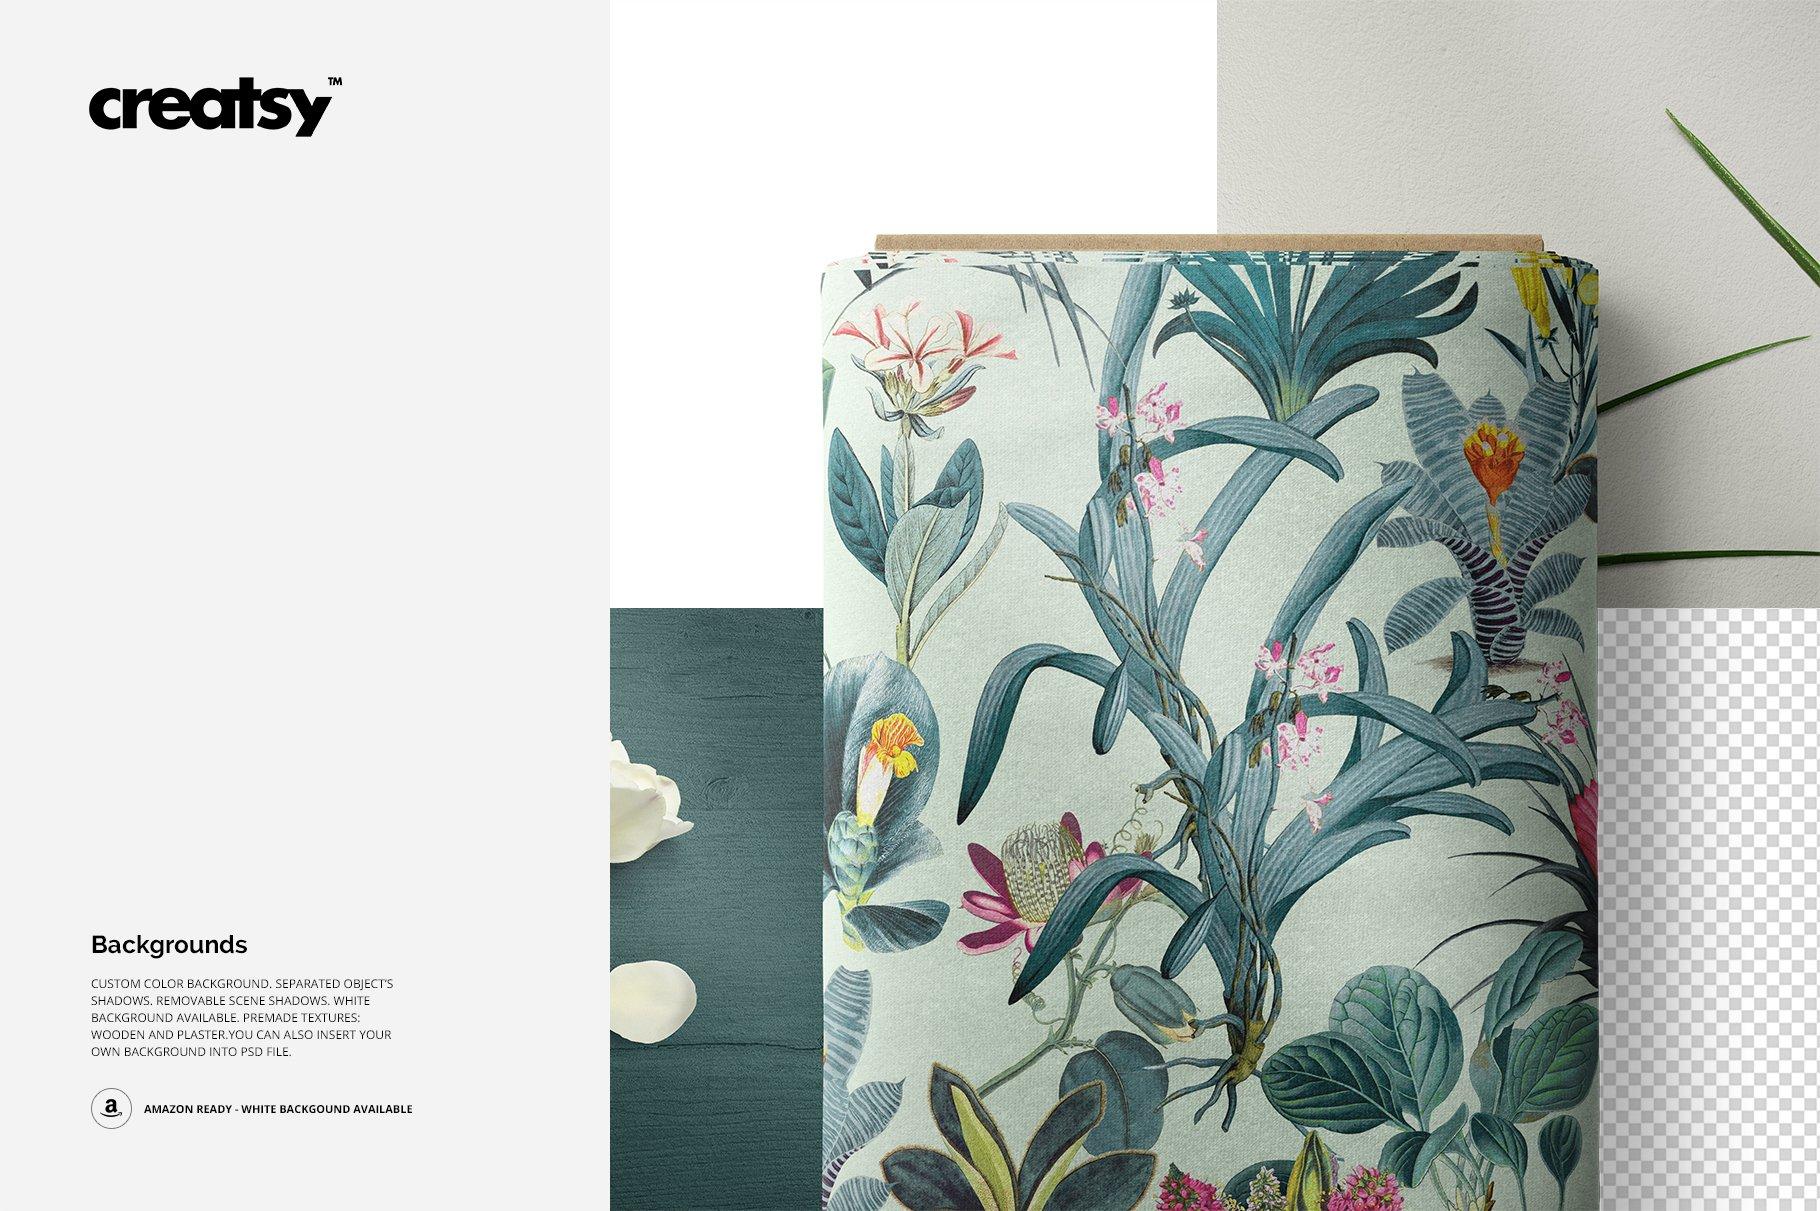 卷状织物布料印花设计展示样机 Fabric Roll Mockup 03/FF v.6插图(2)